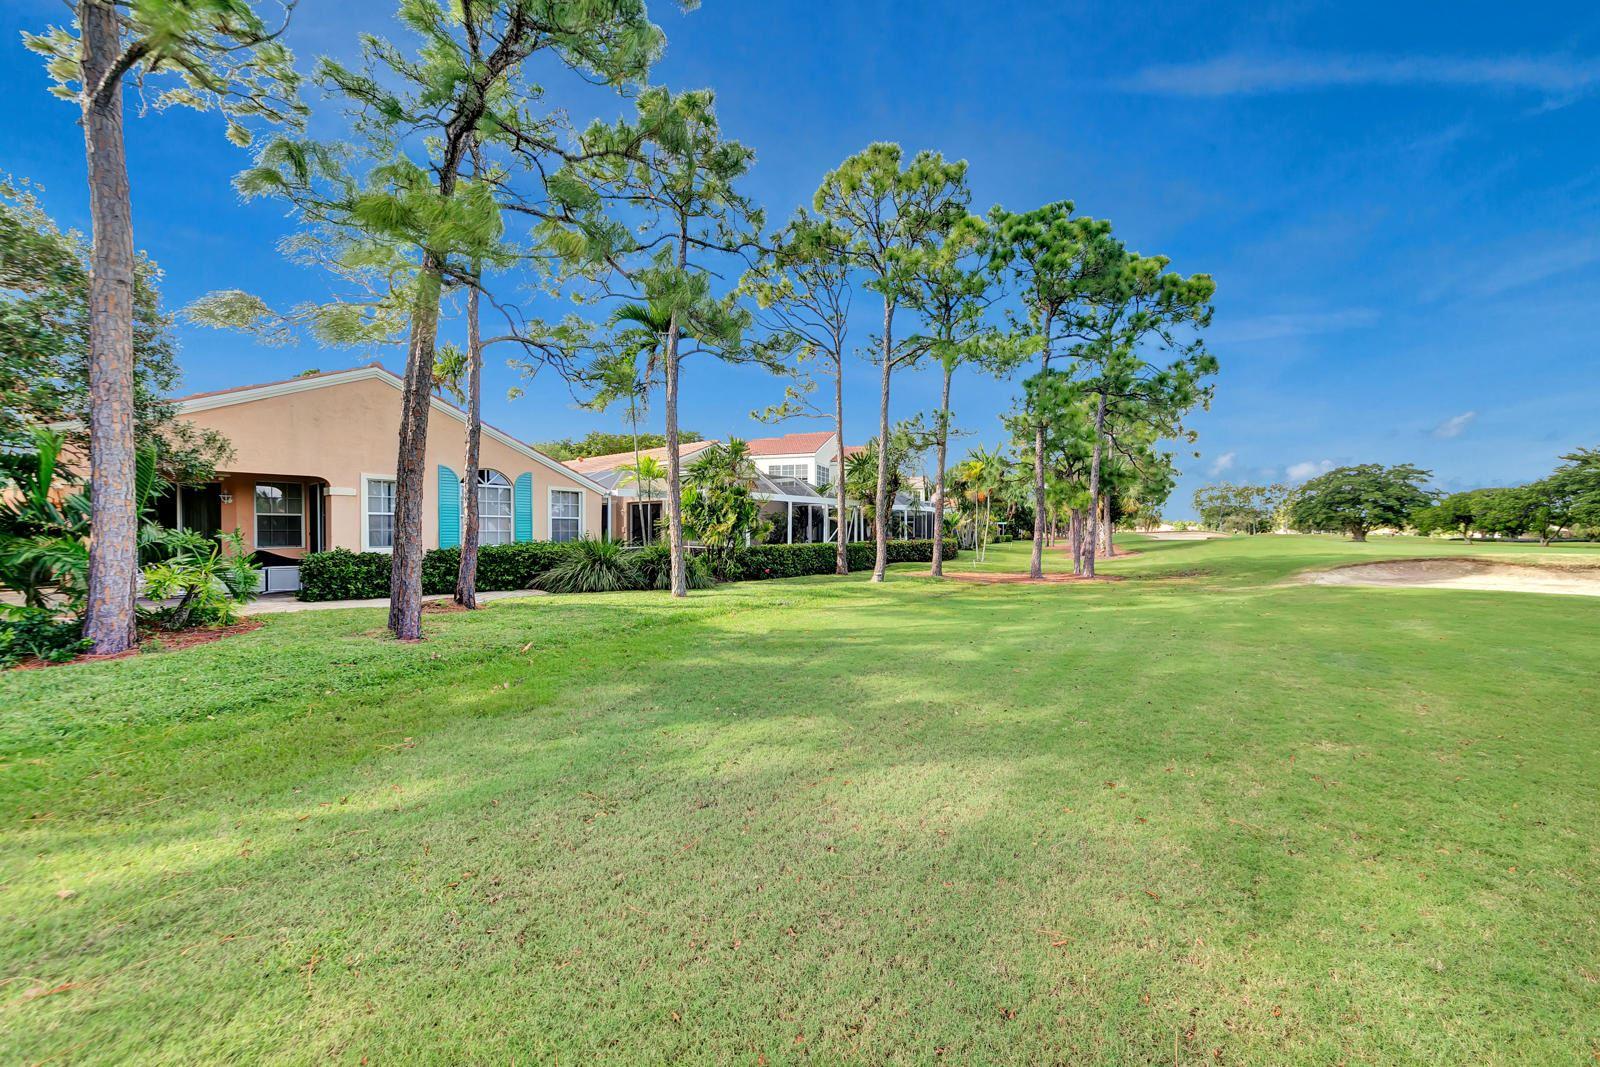 Photo of 29 Via Verona, Palm Beach Gardens, FL 33418 (MLS # RX-10673508)